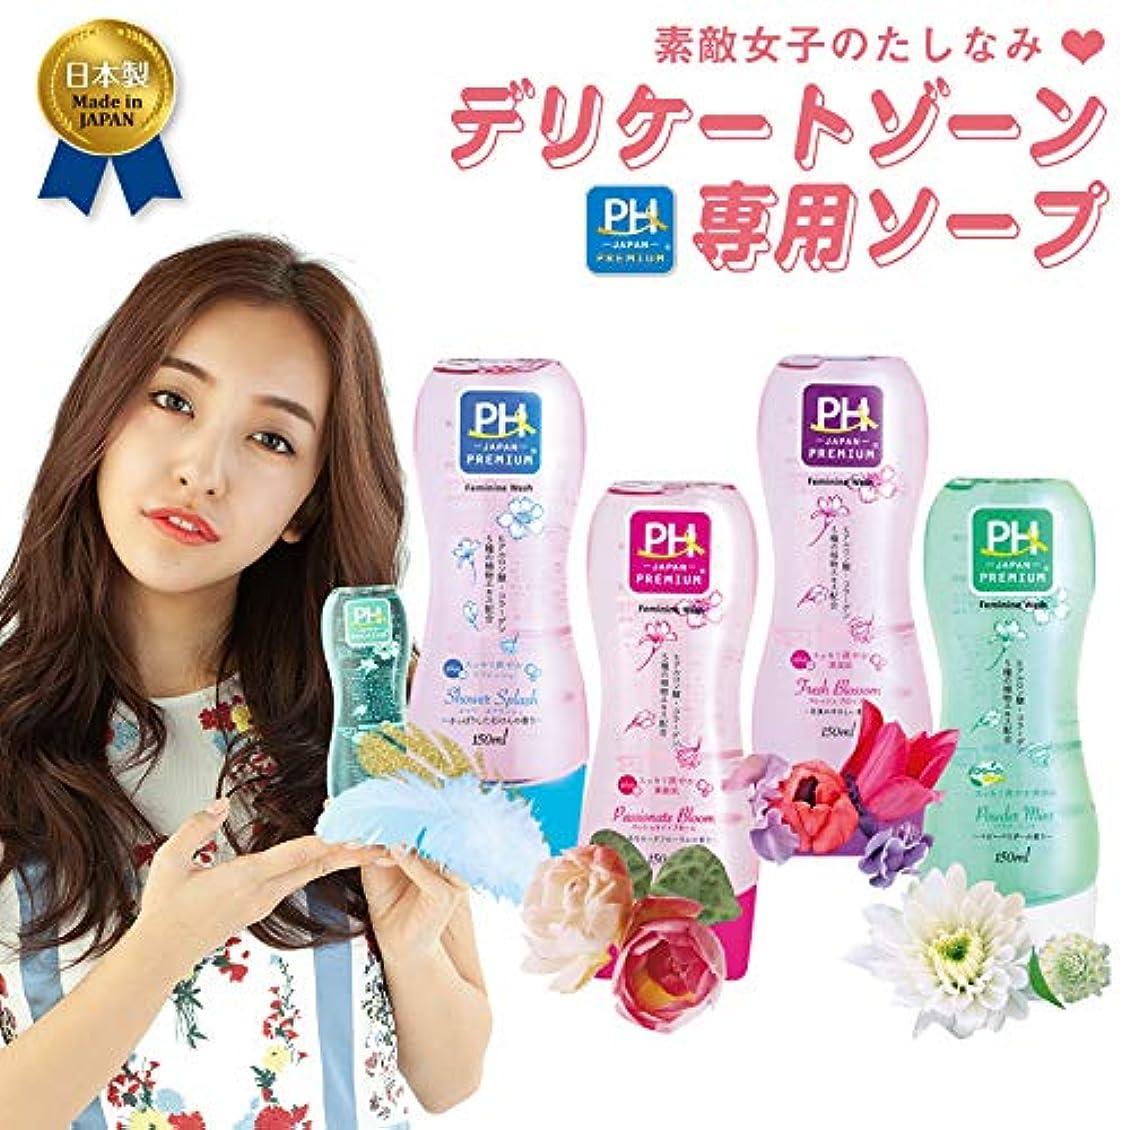 一節裸溶けるフレッシュブロッソム4本セット PH JAPAN フェミニンウォッシュ 花束のやさしい香り